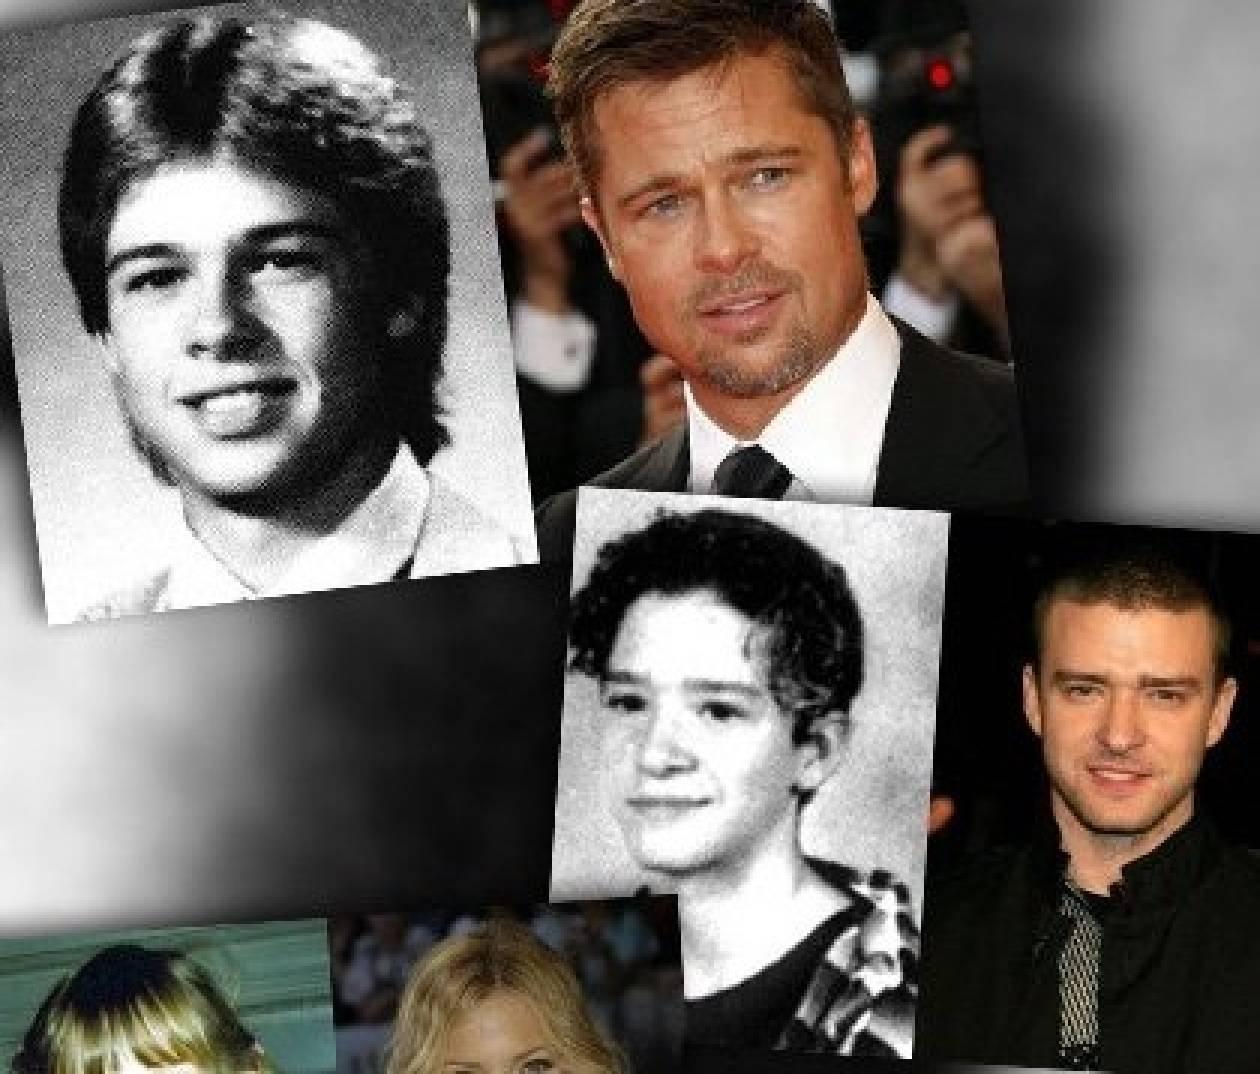 Ποιοι celebrities από ασχημόπαπα εξελίχθηκαν σε κύκνους;